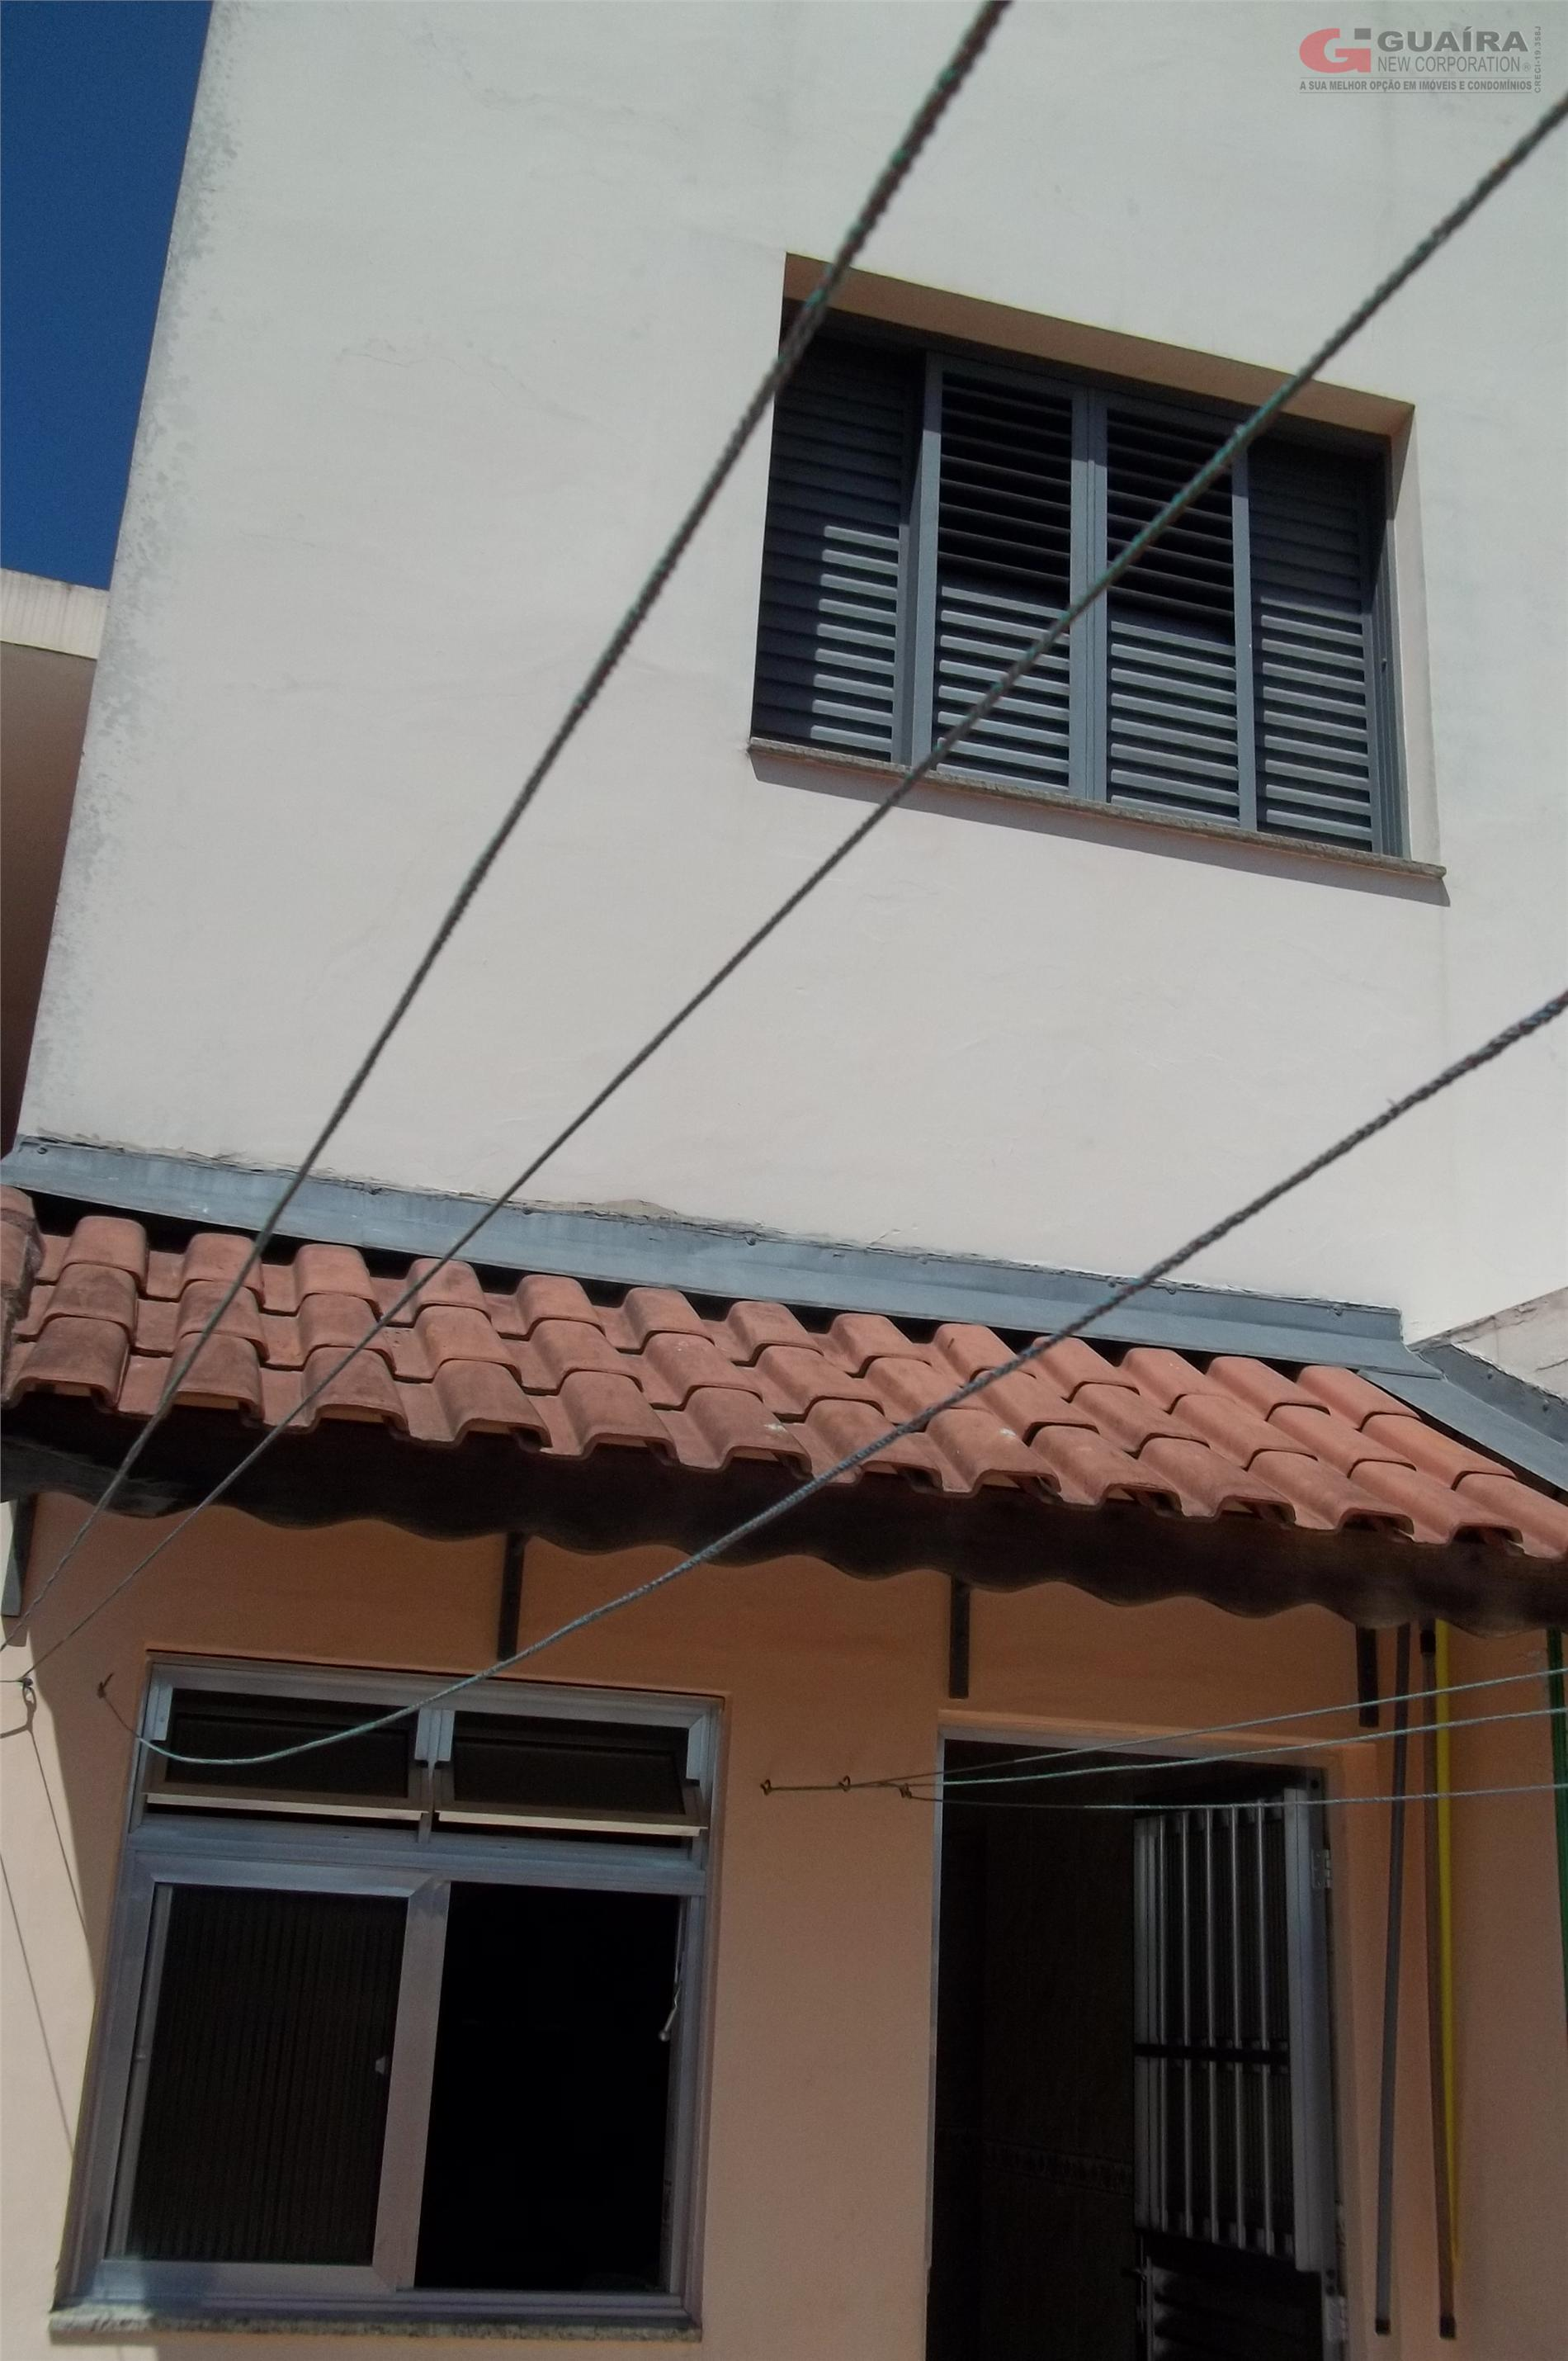 Sobrado de 3 dormitórios à venda em Independência, São Bernardo Do Campo - SP